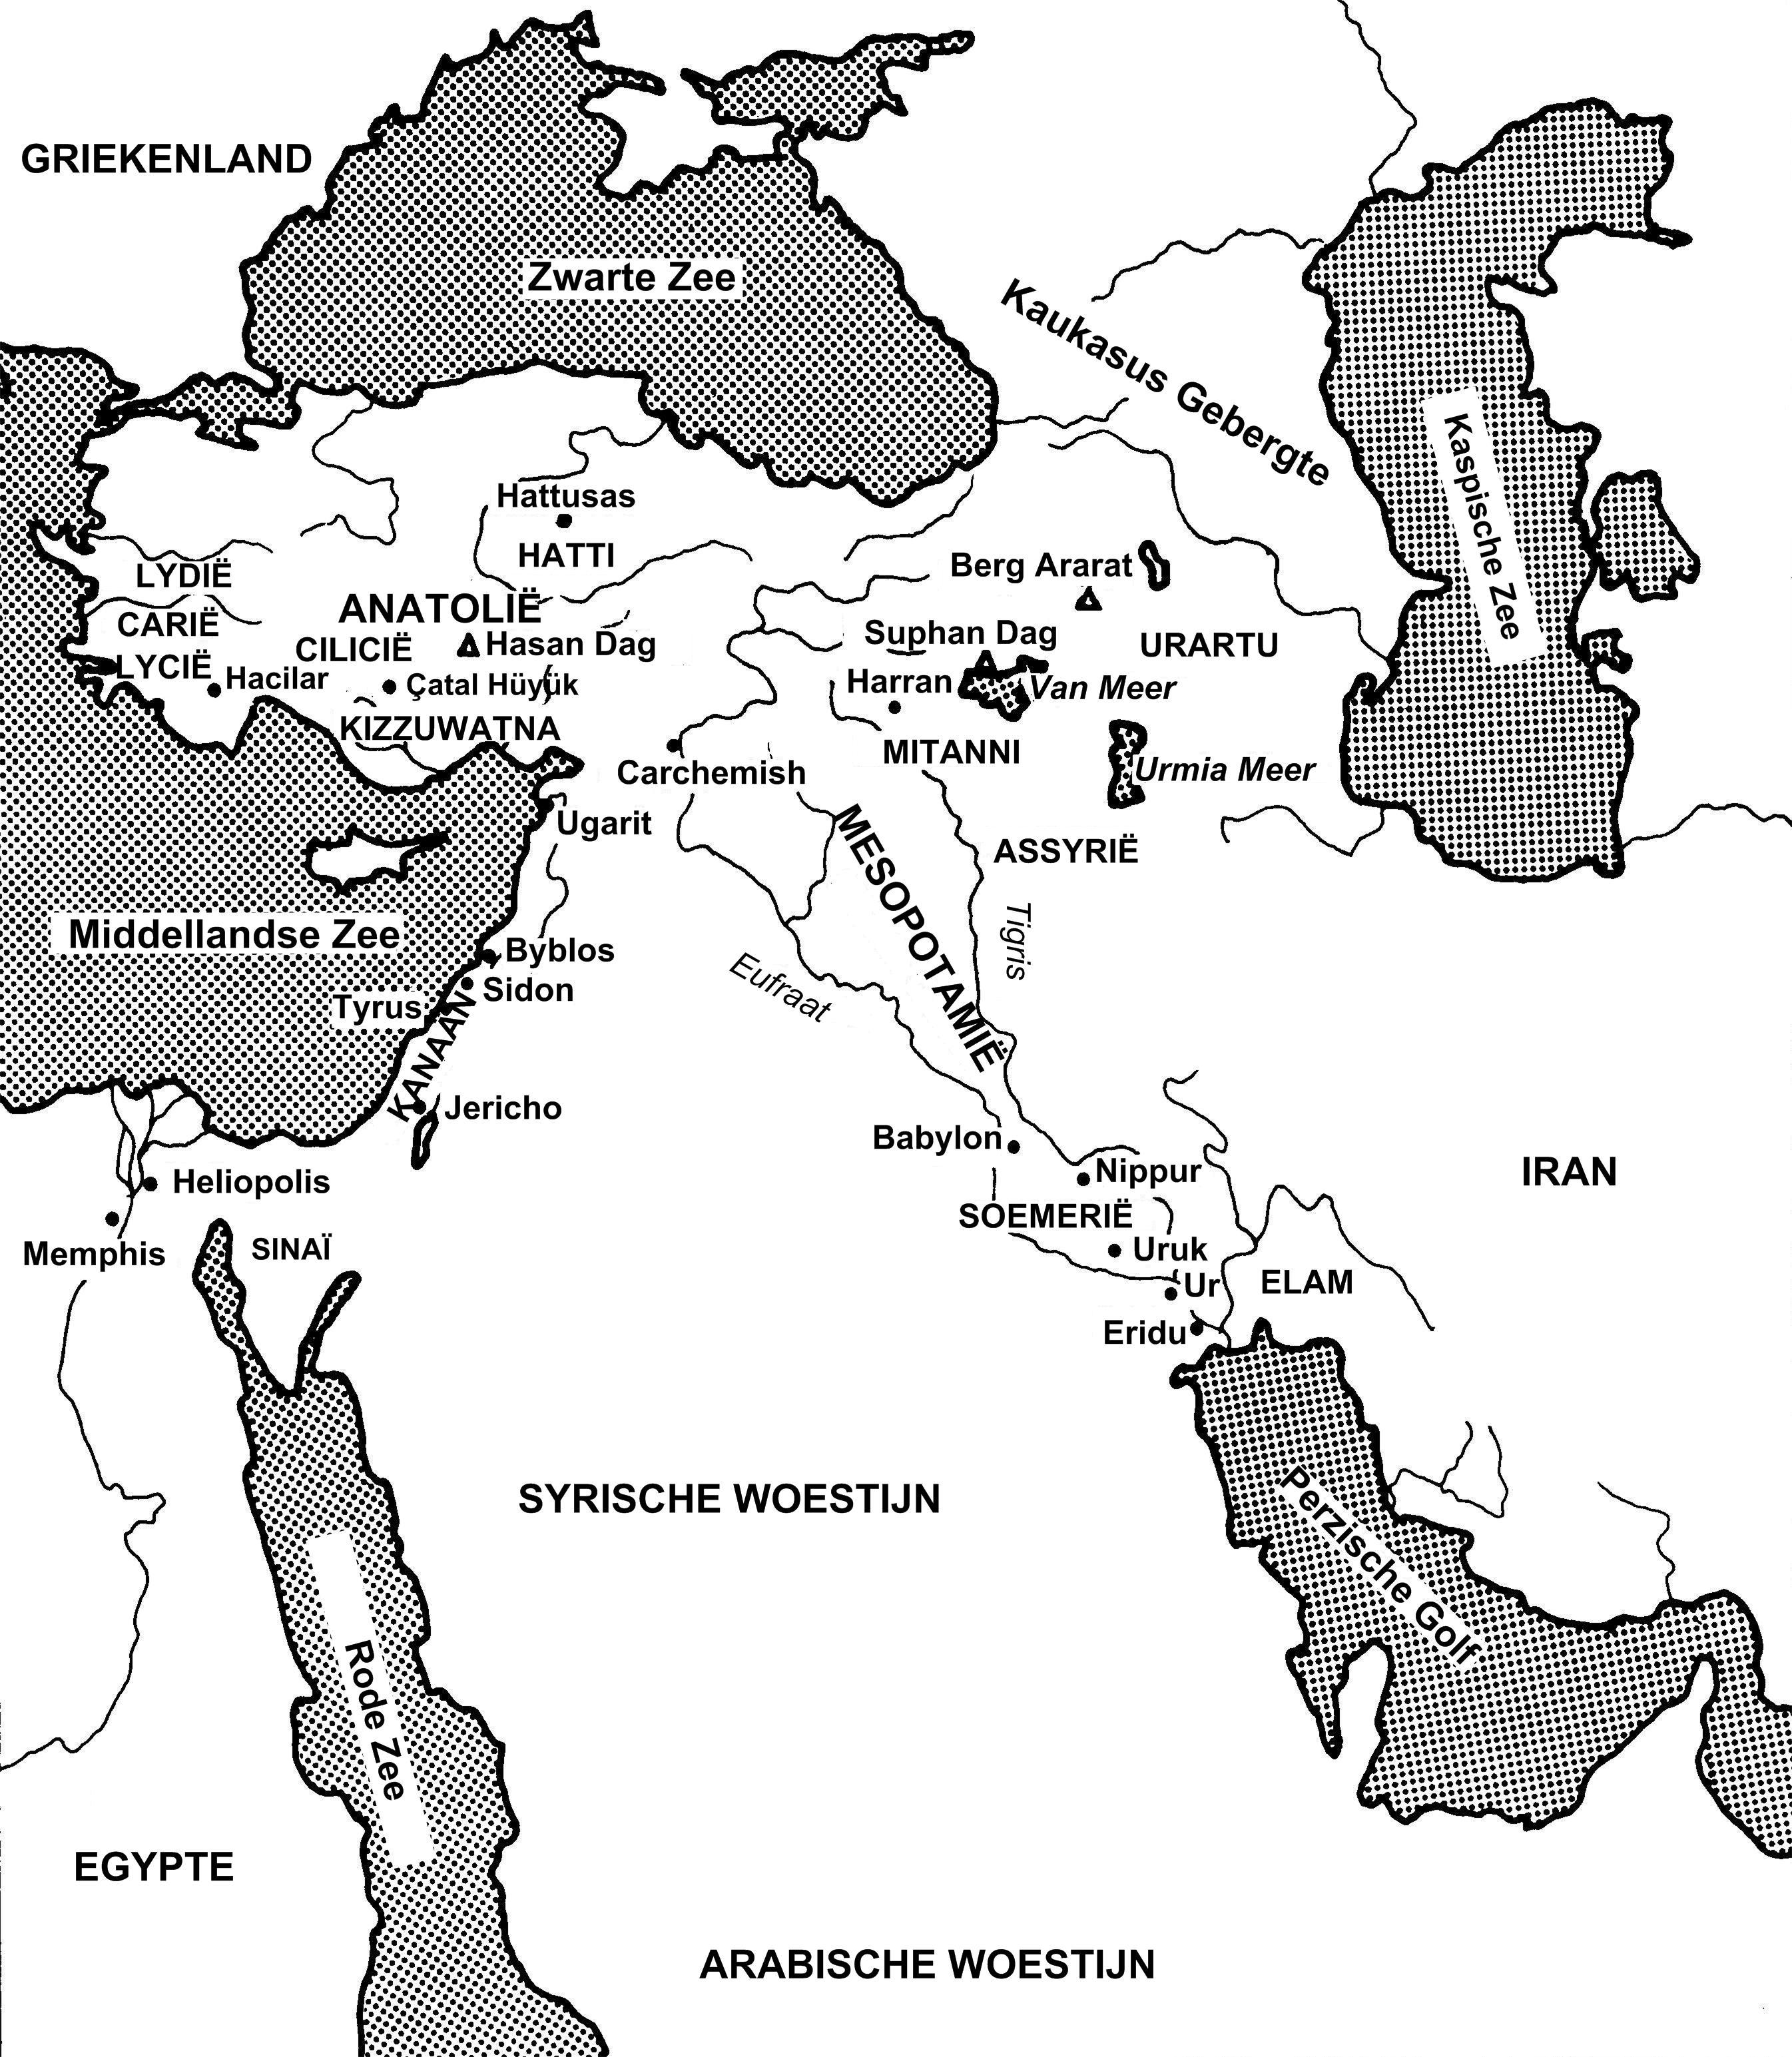 Assyrische dating tradities